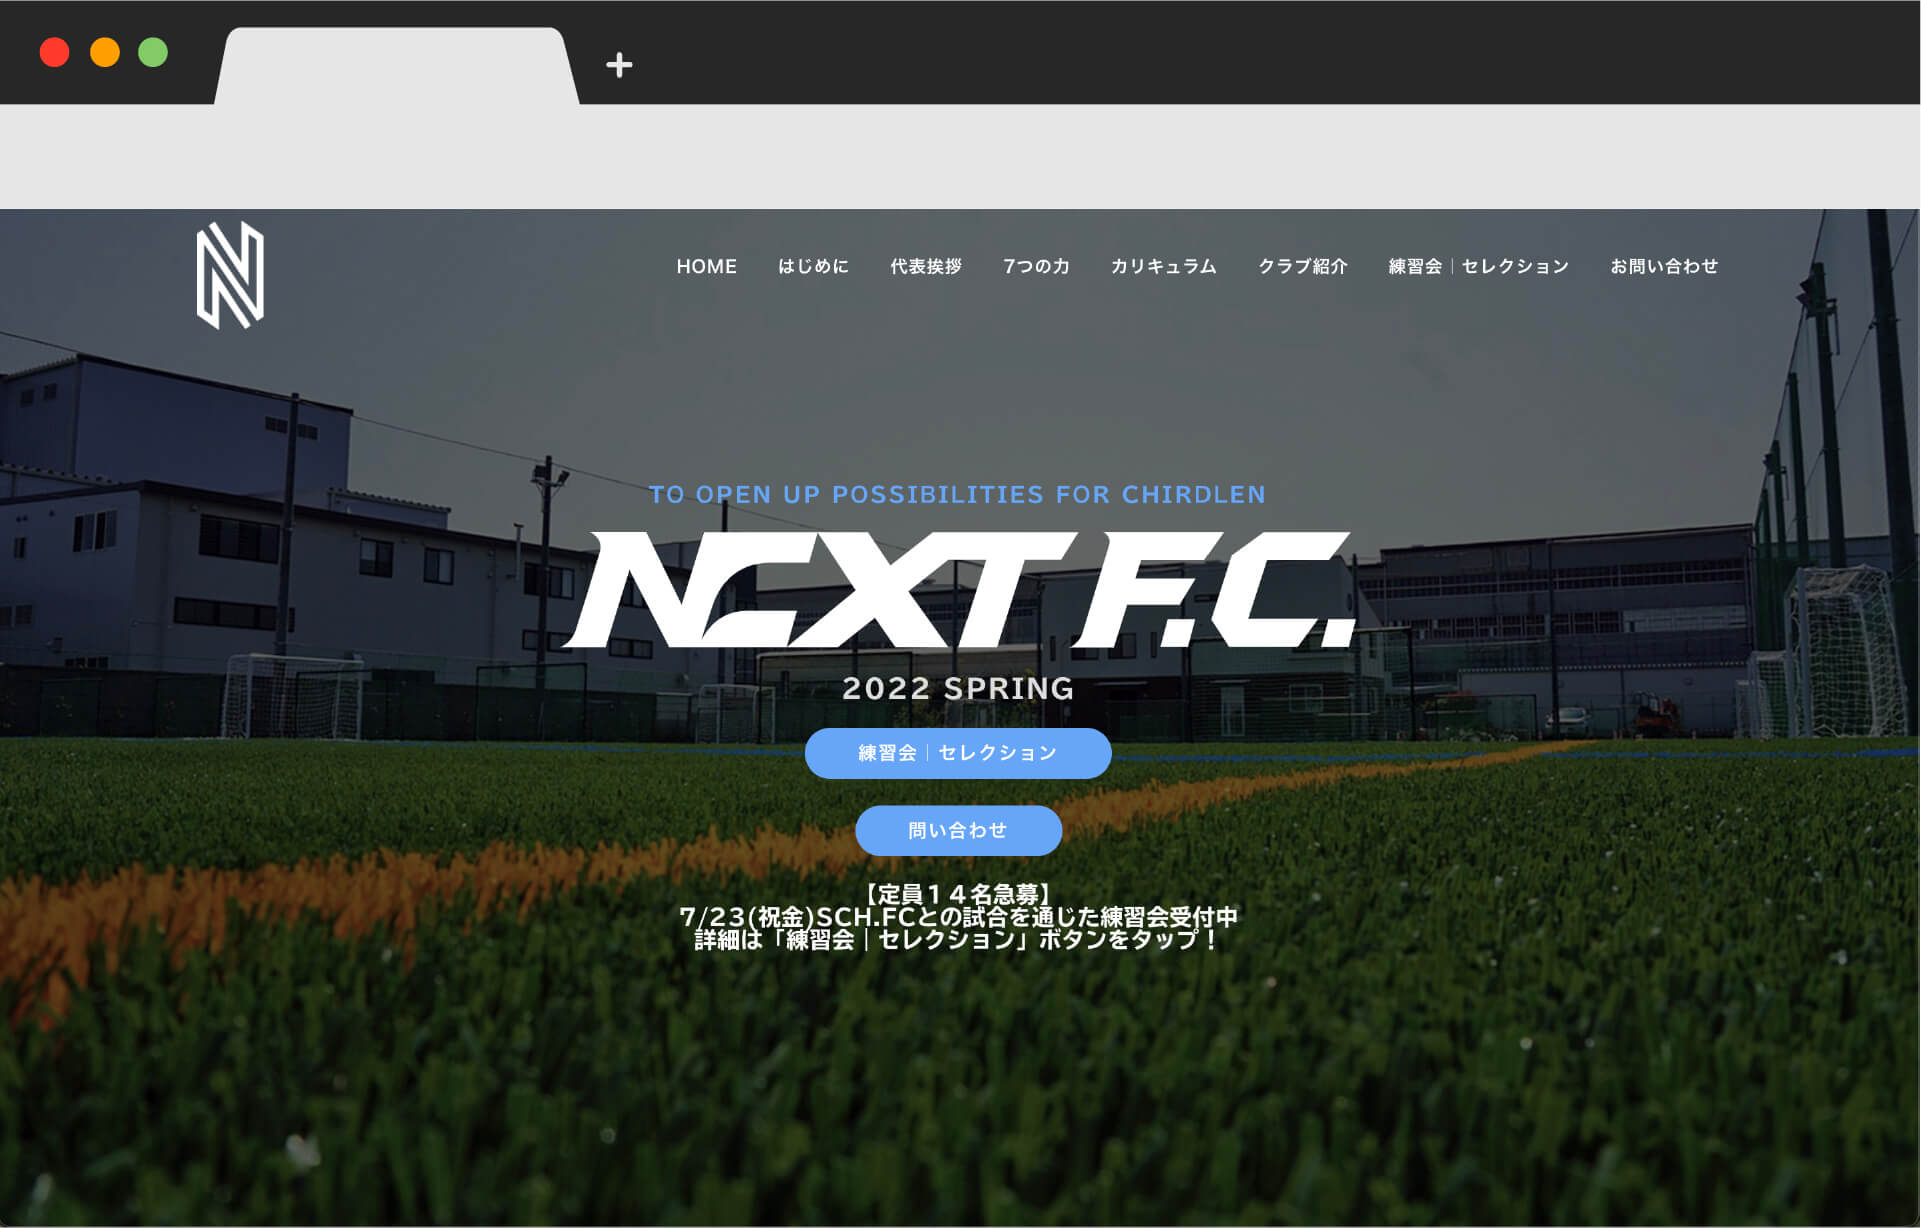 NEXT-F.C.-pc-001